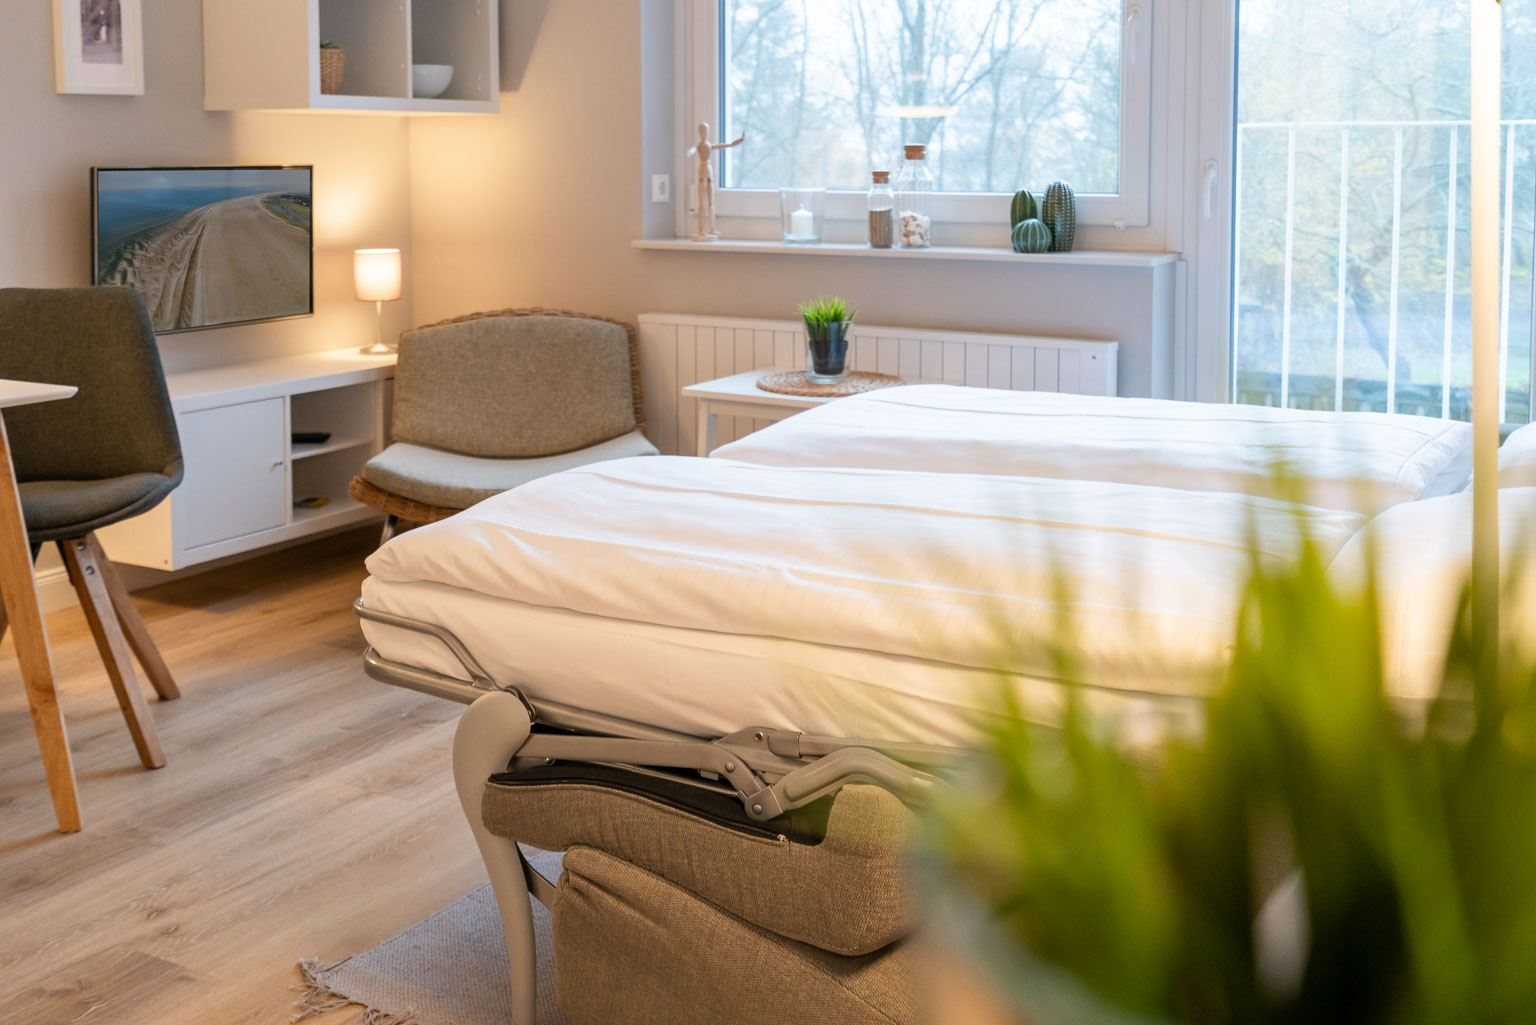 Wohnzimmer - St Peter Ording Bad, Haus Fritz Wischer Strasse 5, Wohnung 6